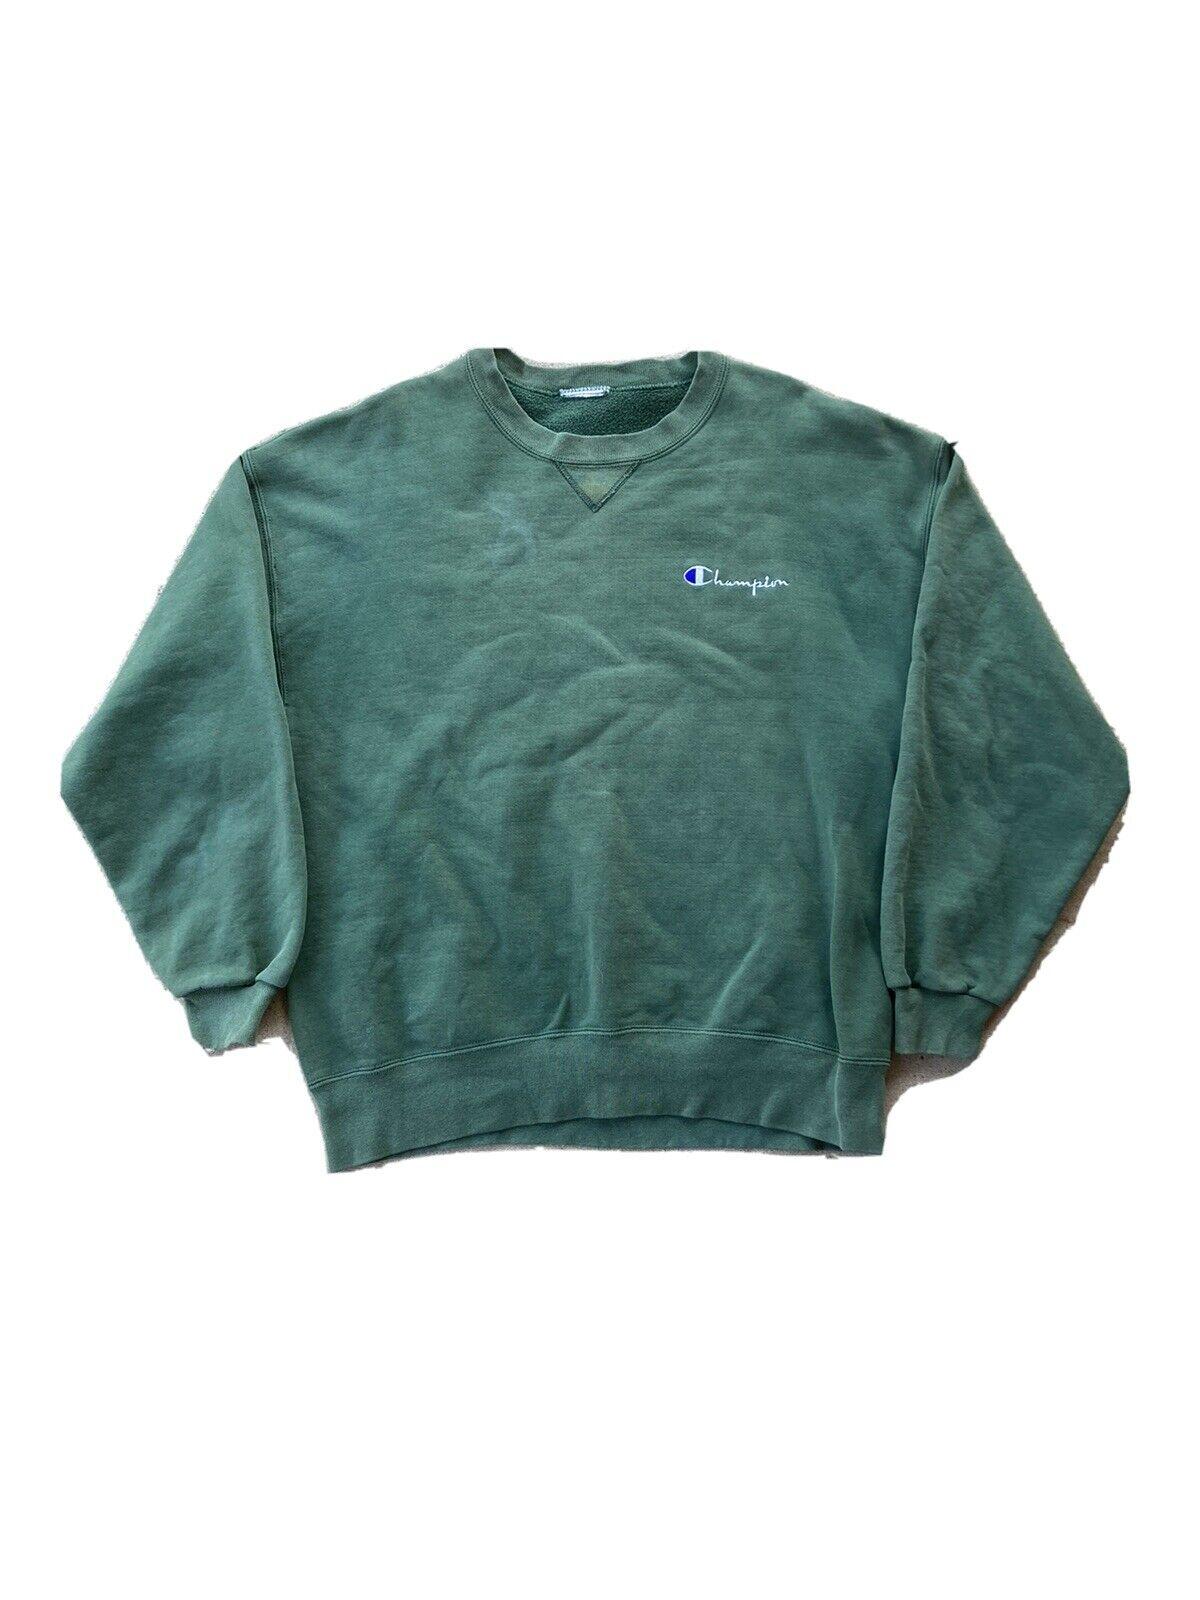 Vintage 90s Champion Sweatshirt Size Large - image 1